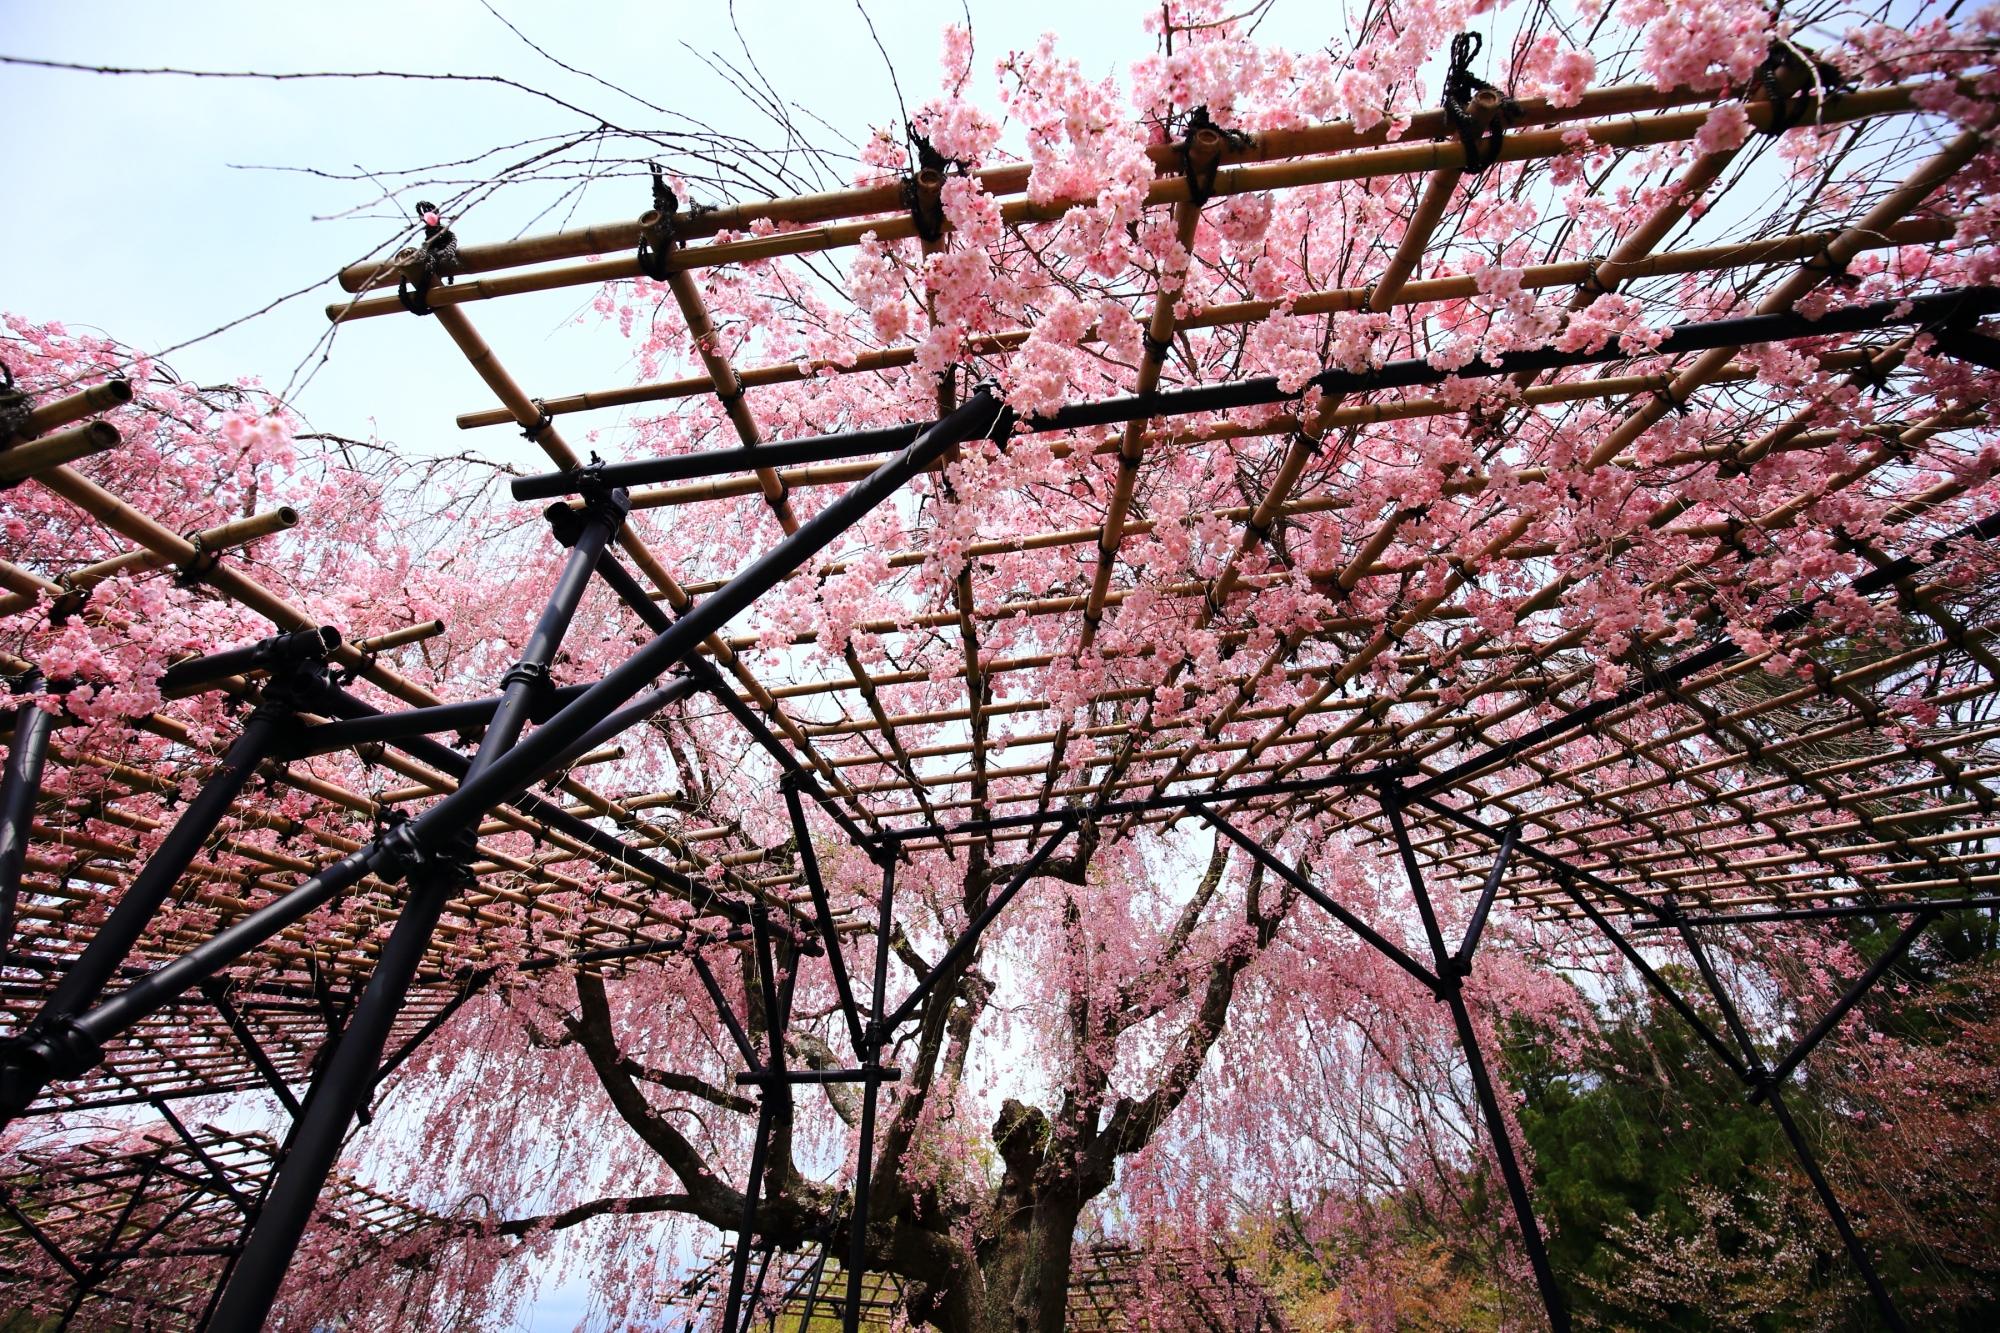 上賀茂神社の空から降り注ぐピンクの桜の花